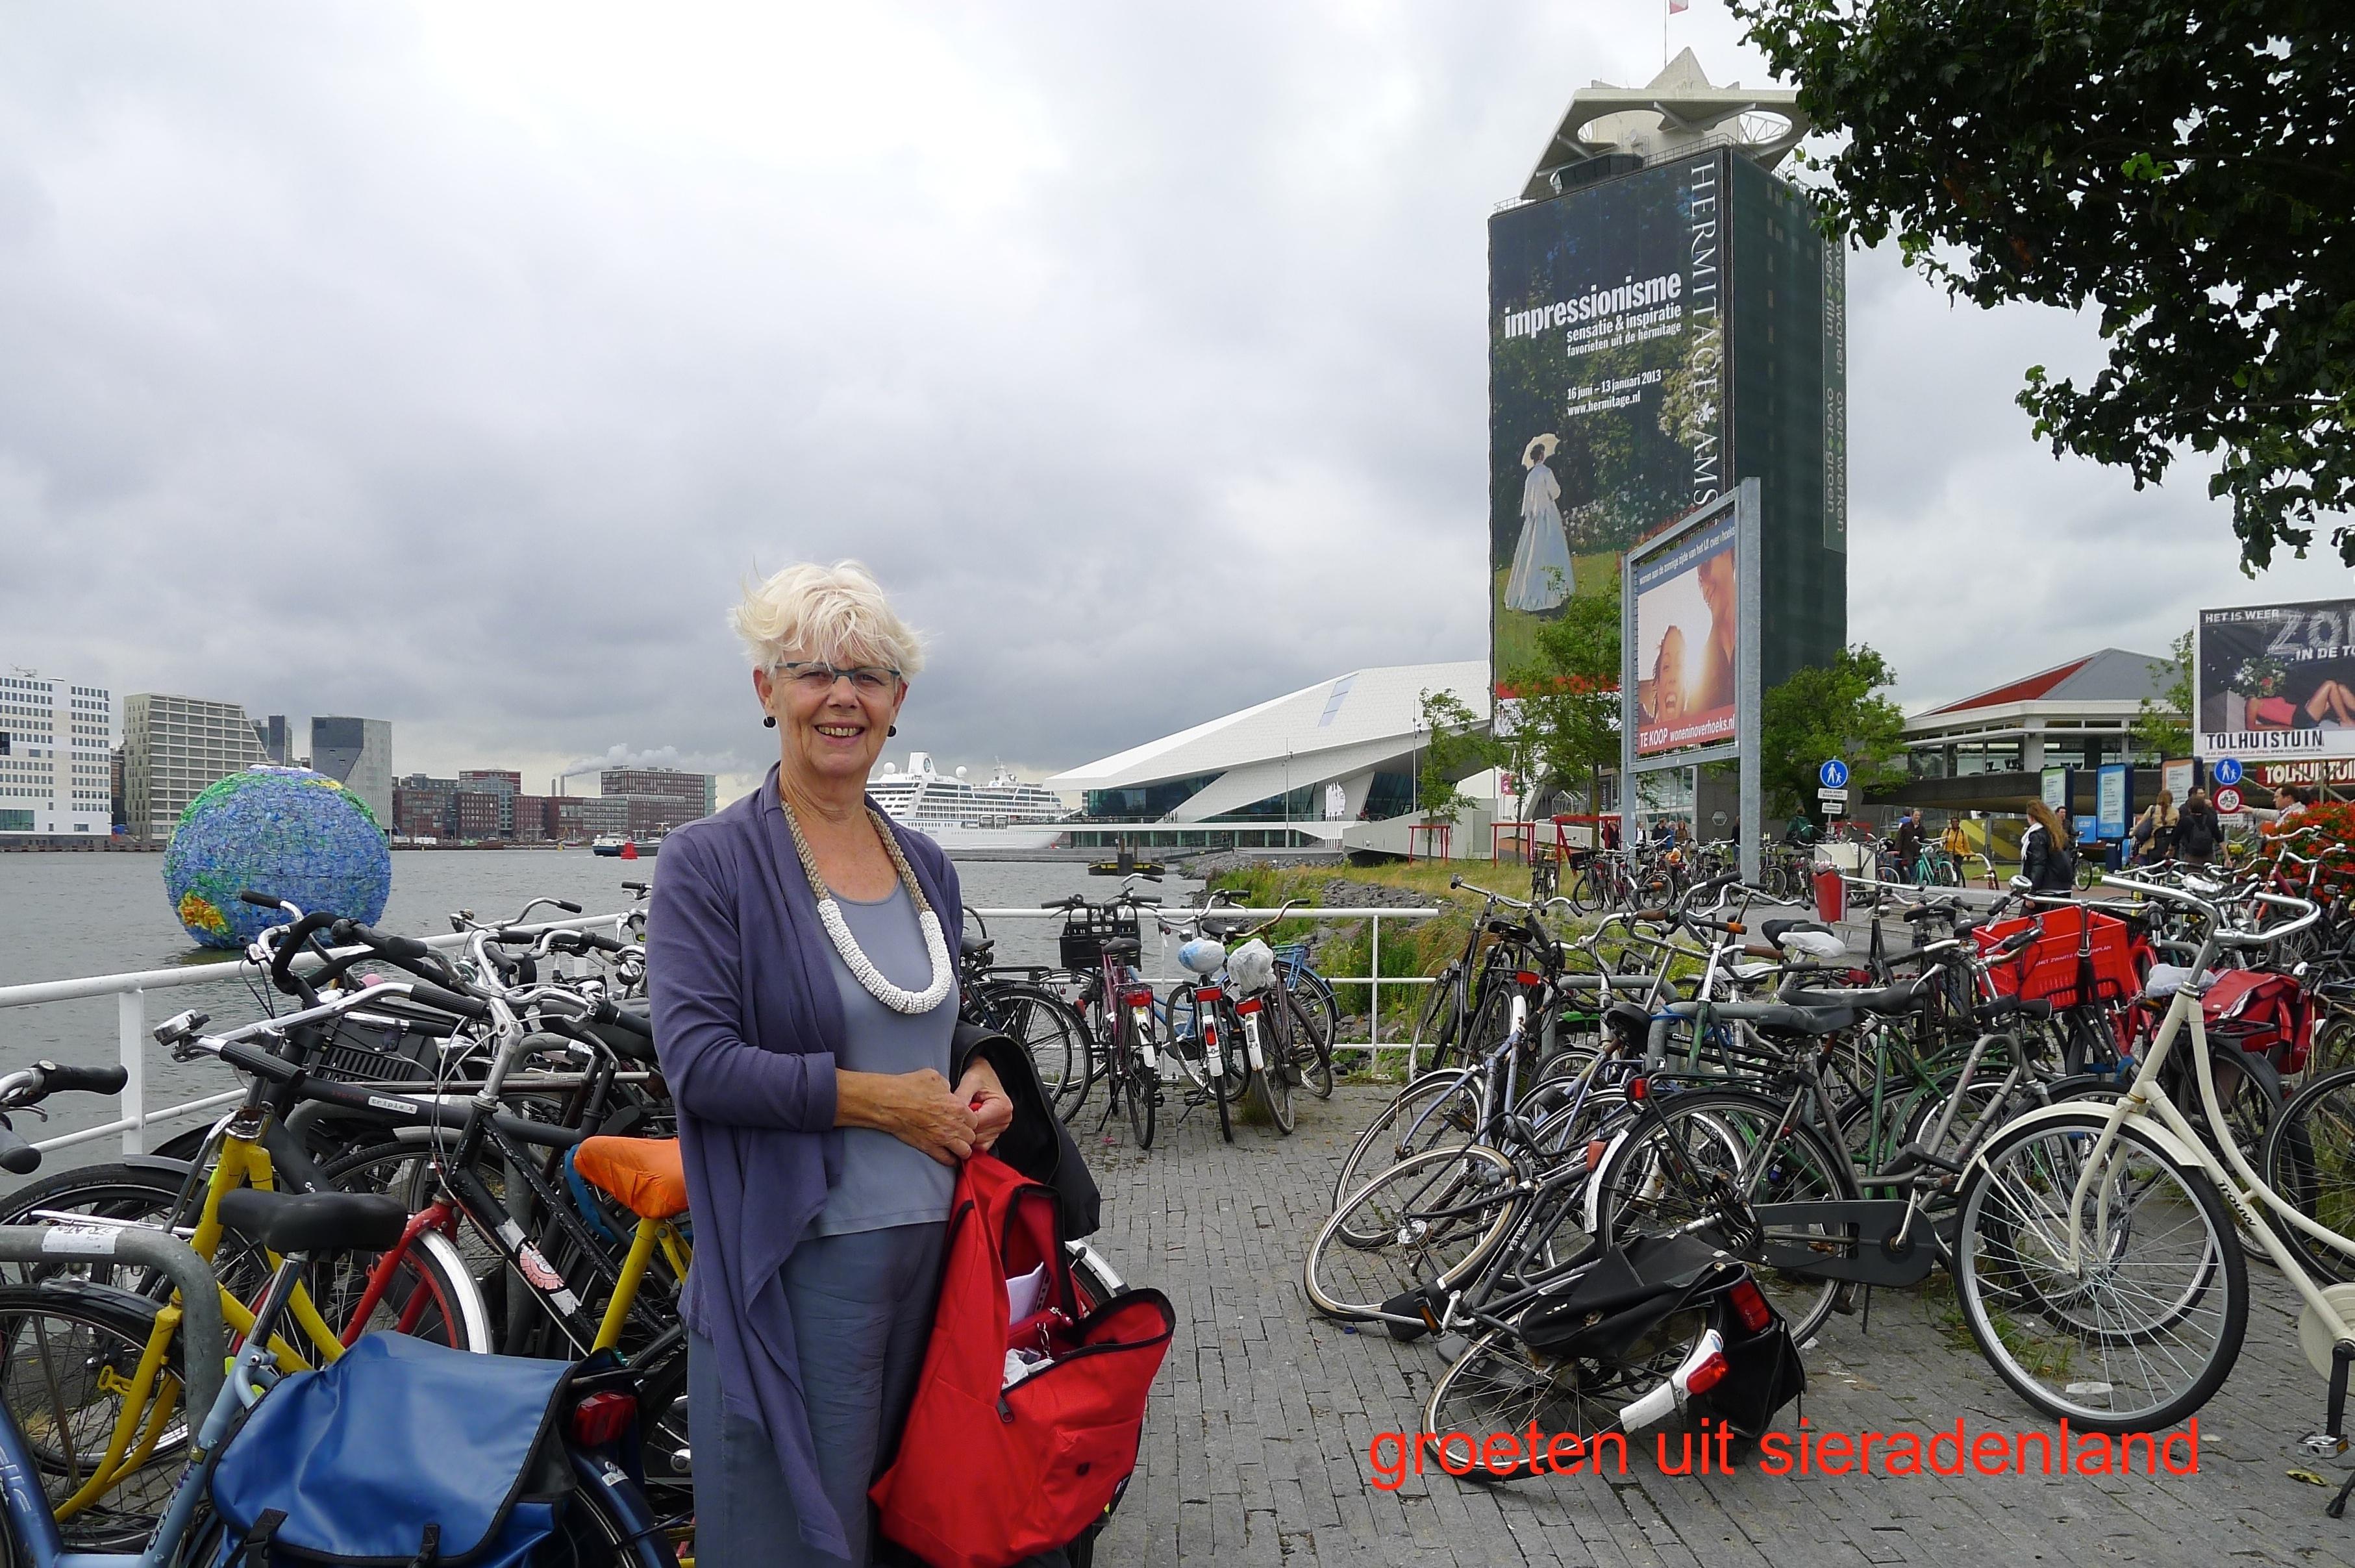 Claartje Keur, Zelfportret met halssieraad van Chequita Nahar, Amsterdam, Pont Amsterdam Noord, 17 juli 2012. Foto Claartje Keur